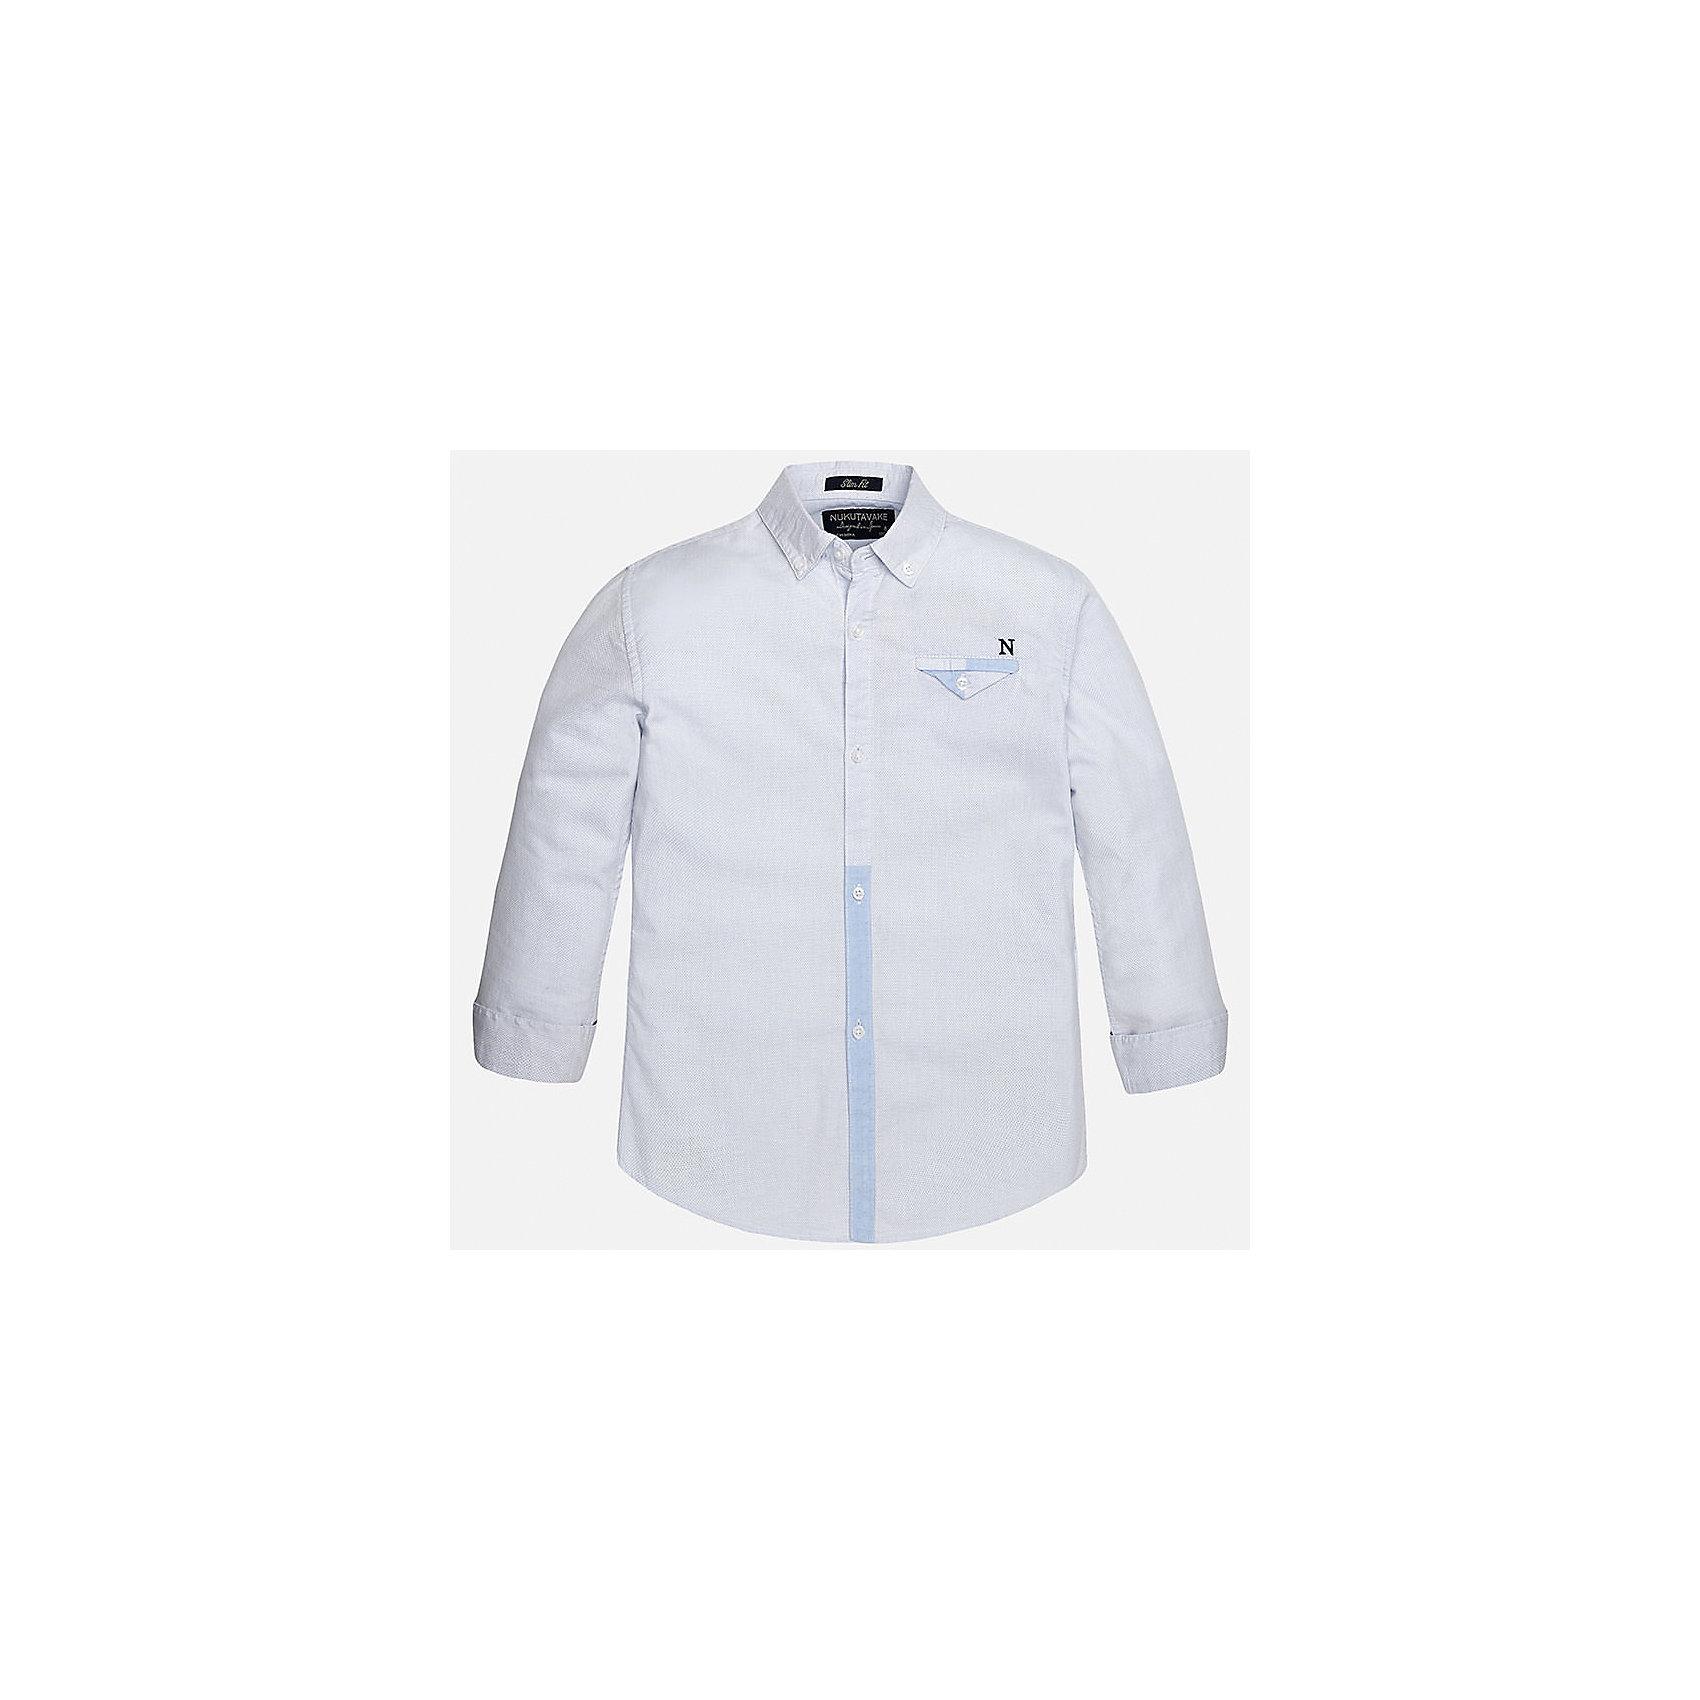 Рубашка для мальчика MayoralХарактеристики товара:<br><br>• цвет: голубой<br>• состав: 100% хлопок<br>• отложной воротник<br>• декорирована карманом на груди<br>• рукава с отворотами<br>• застежки: пуговицы<br>• страна бренда: Испания<br><br>Модная рубашка поможет разнообразить гардероб мальчика. Она отлично сочетается с брюками, шортами, джинсами. Универсальный крой и цвет позволяет подобрать к вещи низ разных расцветок. Практичное и стильное изделие! Хорошо смотрится и комфортно сидит на детях. В составе материала - только натуральный хлопок, гипоаллергенный, приятный на ощупь, дышащий. <br><br>Одежда, обувь и аксессуары от испанского бренда Mayoral полюбились детям и взрослым по всему миру. Модели этой марки - стильные и удобные. Для их производства используются только безопасные, качественные материалы и фурнитура. Порадуйте ребенка модными и красивыми вещами от Mayoral! <br><br>Рубашку для мальчика от испанского бренда Mayoral (Майорал) можно купить в нашем интернет-магазине.<br><br>Ширина мм: 174<br>Глубина мм: 10<br>Высота мм: 169<br>Вес г: 157<br>Цвет: голубой<br>Возраст от месяцев: 96<br>Возраст до месяцев: 108<br>Пол: Мужской<br>Возраст: Детский<br>Размер: 140,170,128/134,152,164,158<br>SKU: 5281645